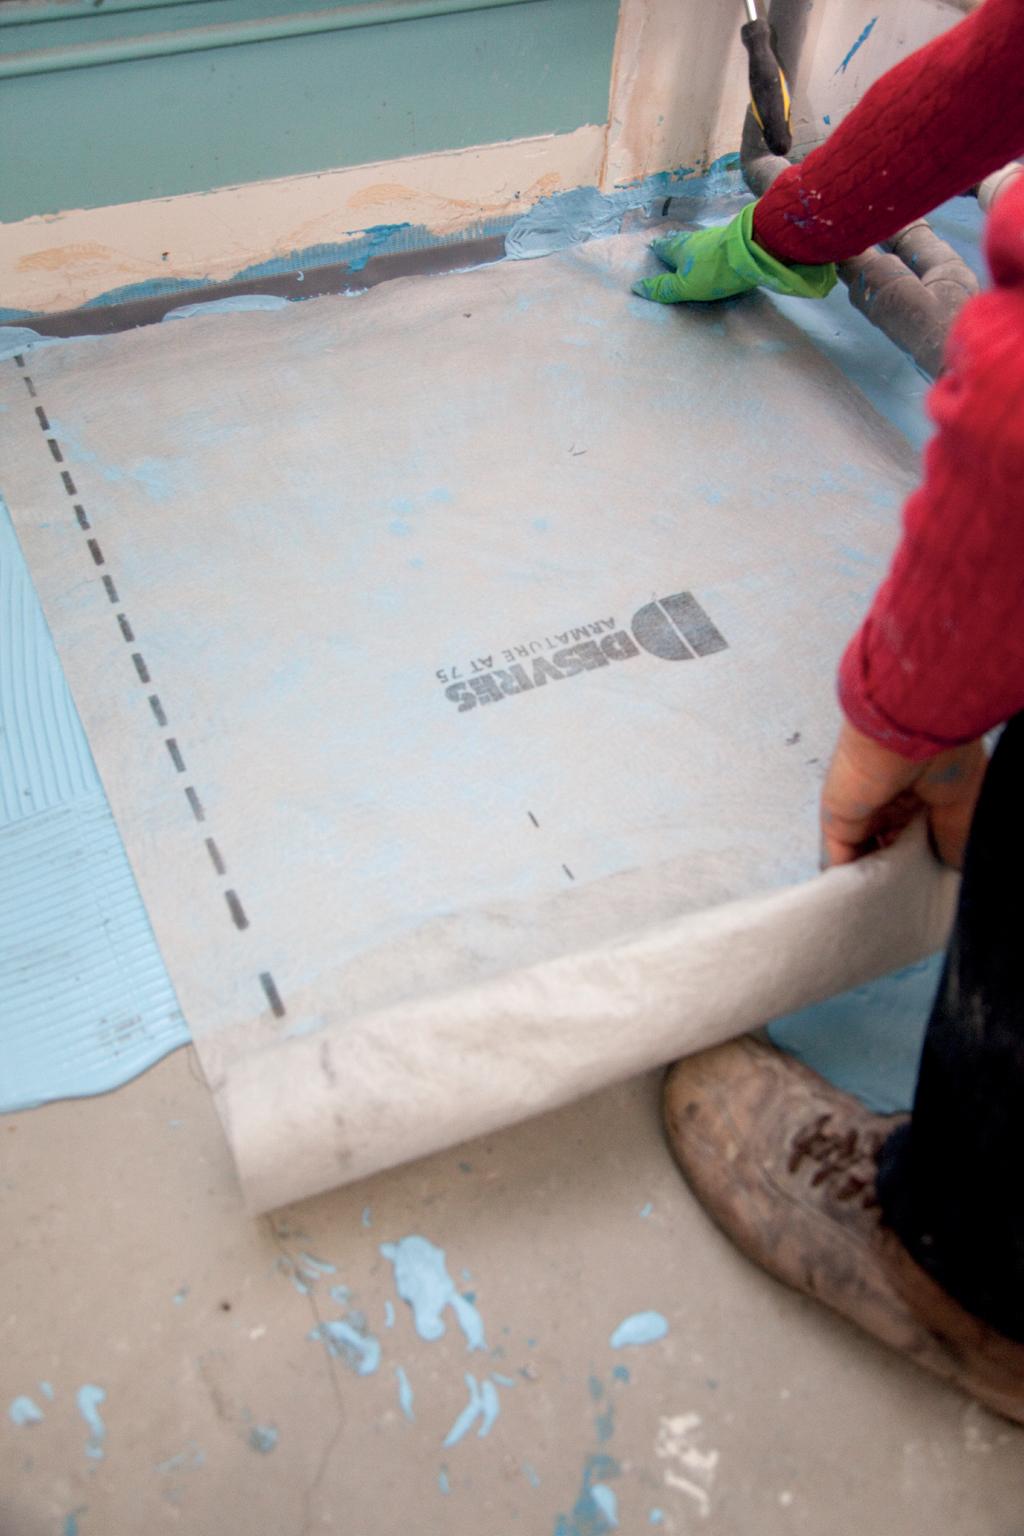 Préparer le sol avant de poser une baignoire